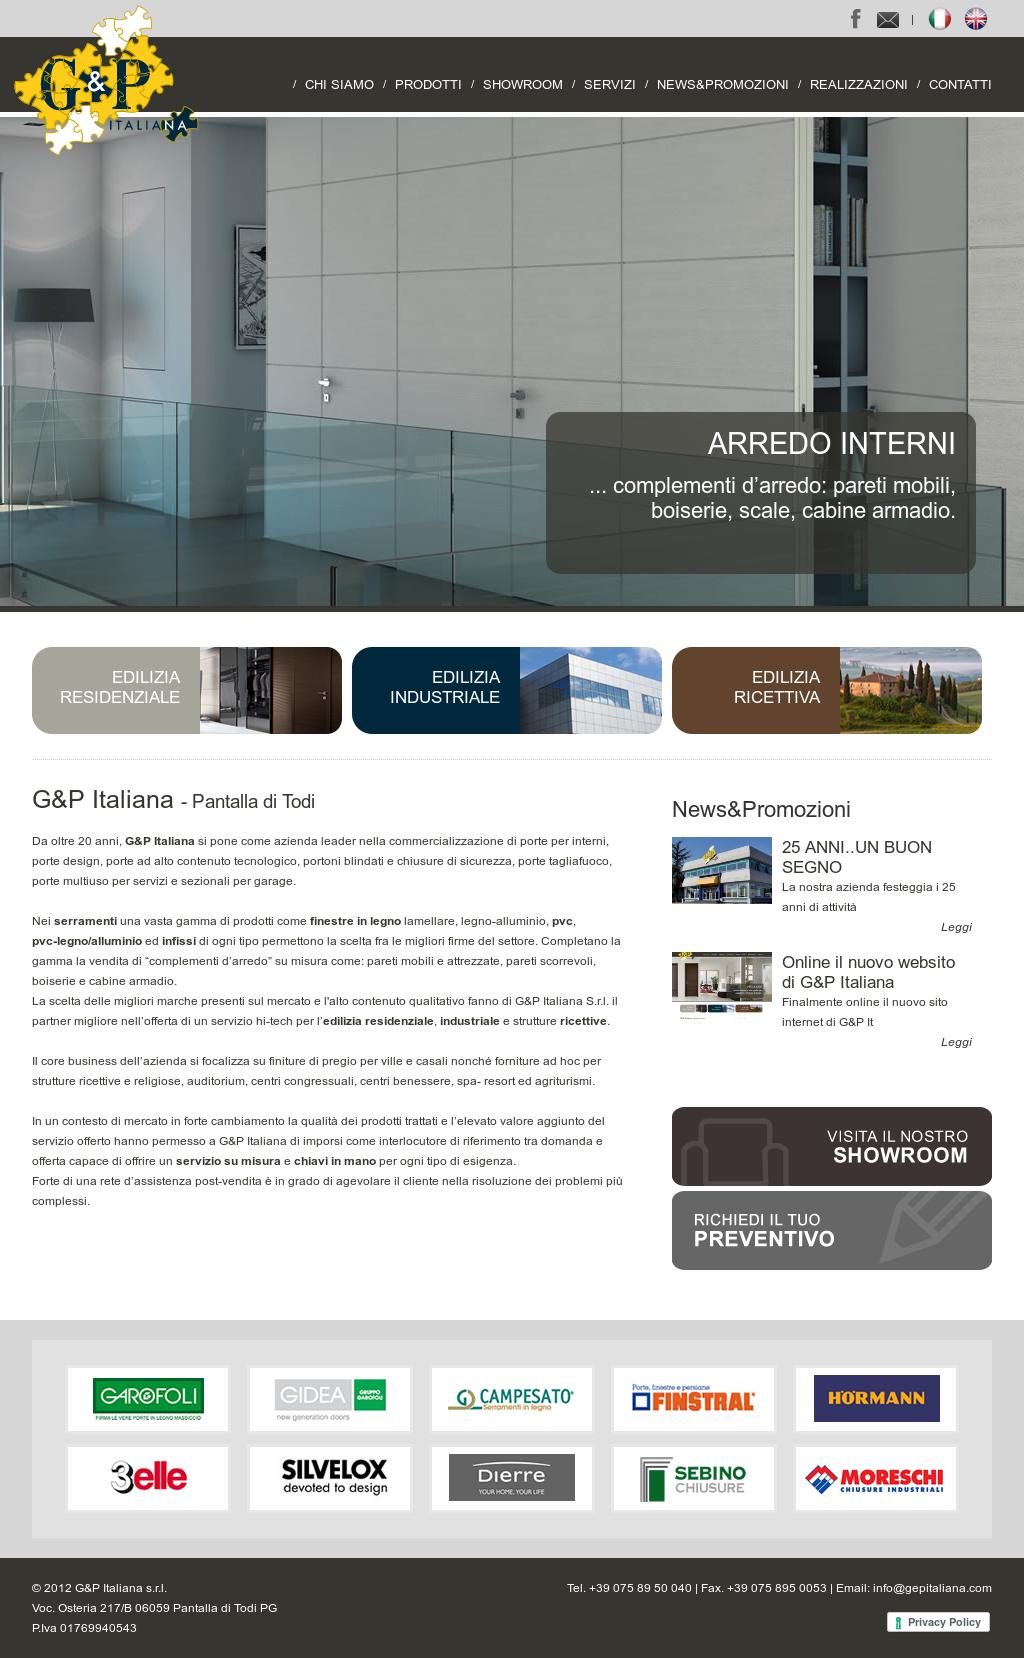 Armadio Da Garage g&p italiana s.r.l competitors, revenue and employees